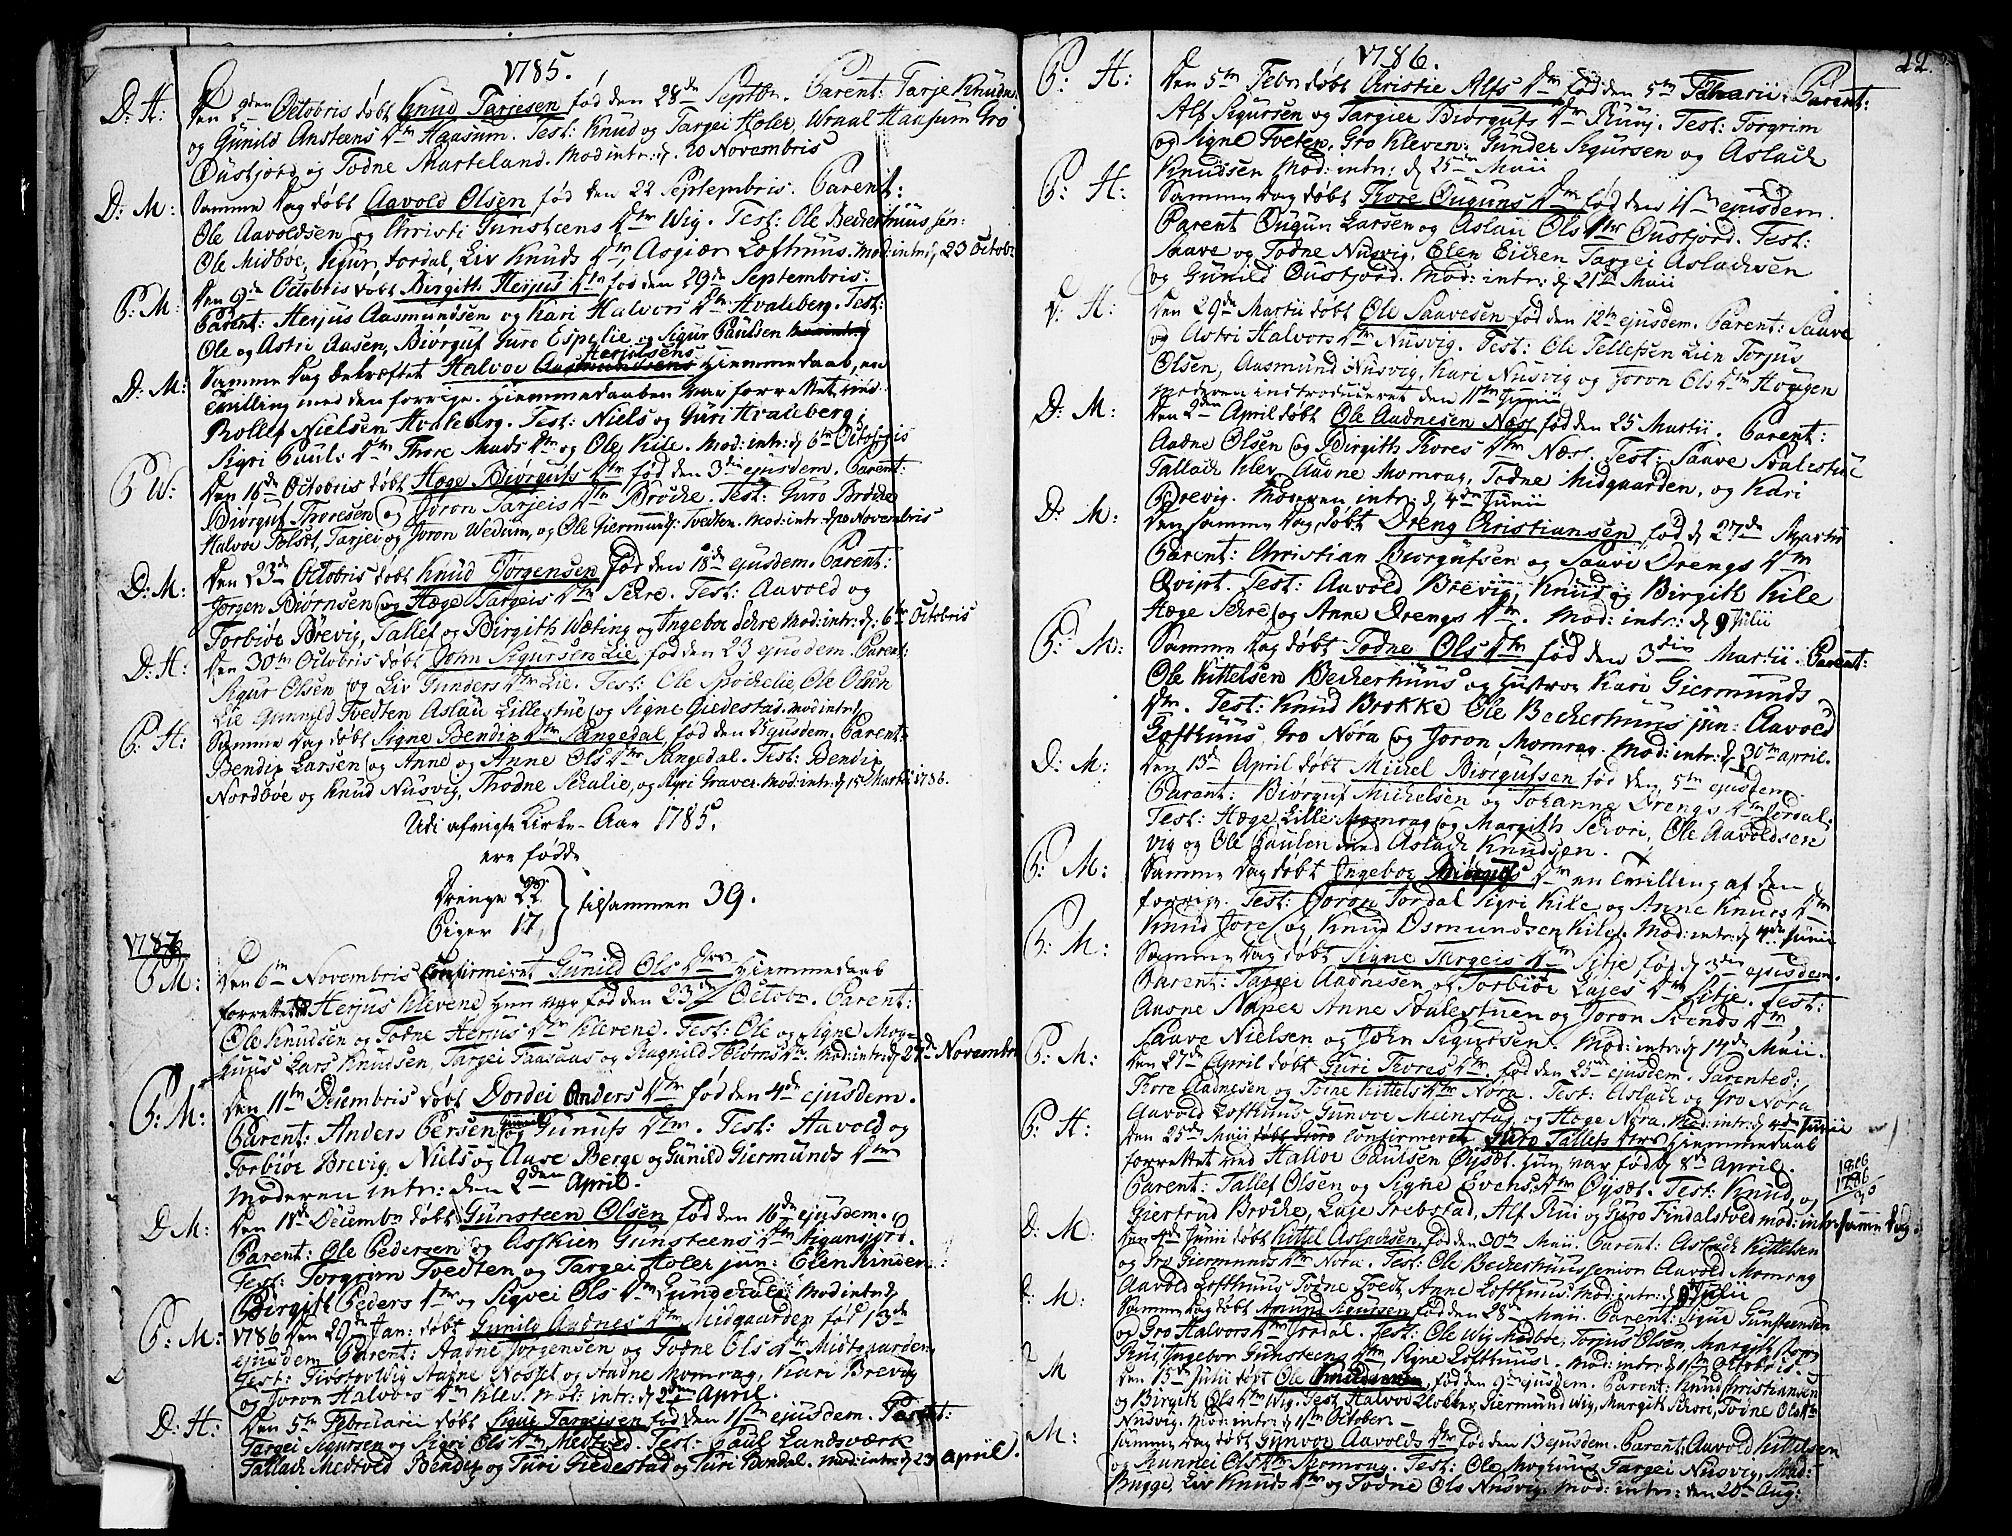 SAKO, Fyresdal kirkebøker, F/Fa/L0002: Ministerialbok nr. I 2, 1769-1814, s. 22